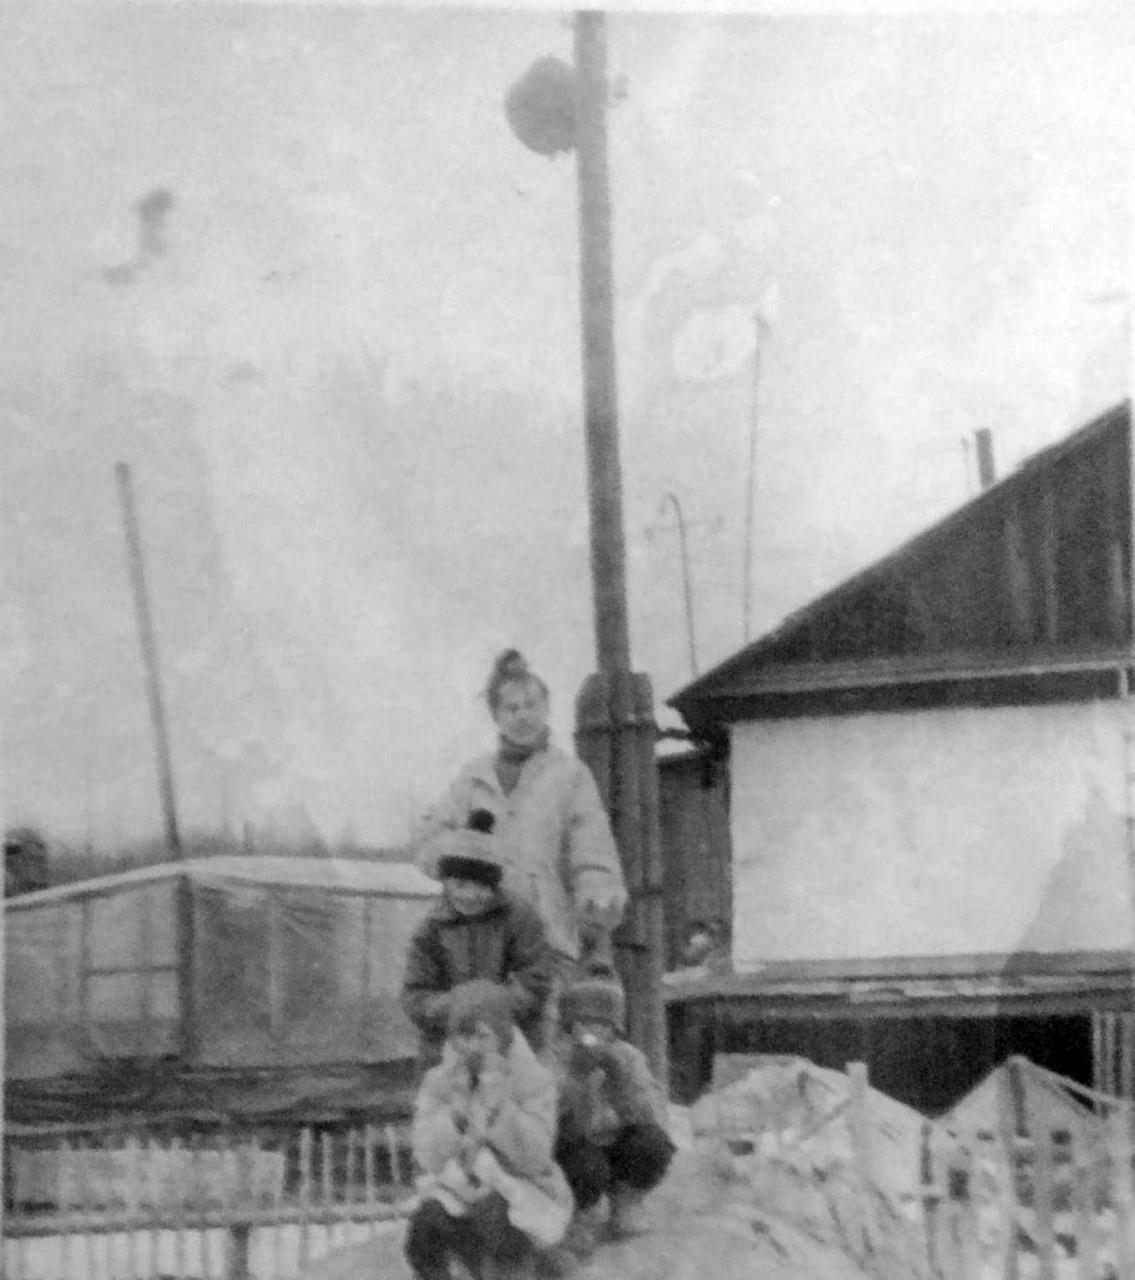 Посёлок Горняцкий. На заднем плане видна теплица возле дома. Фото от Юлии Ильиной.